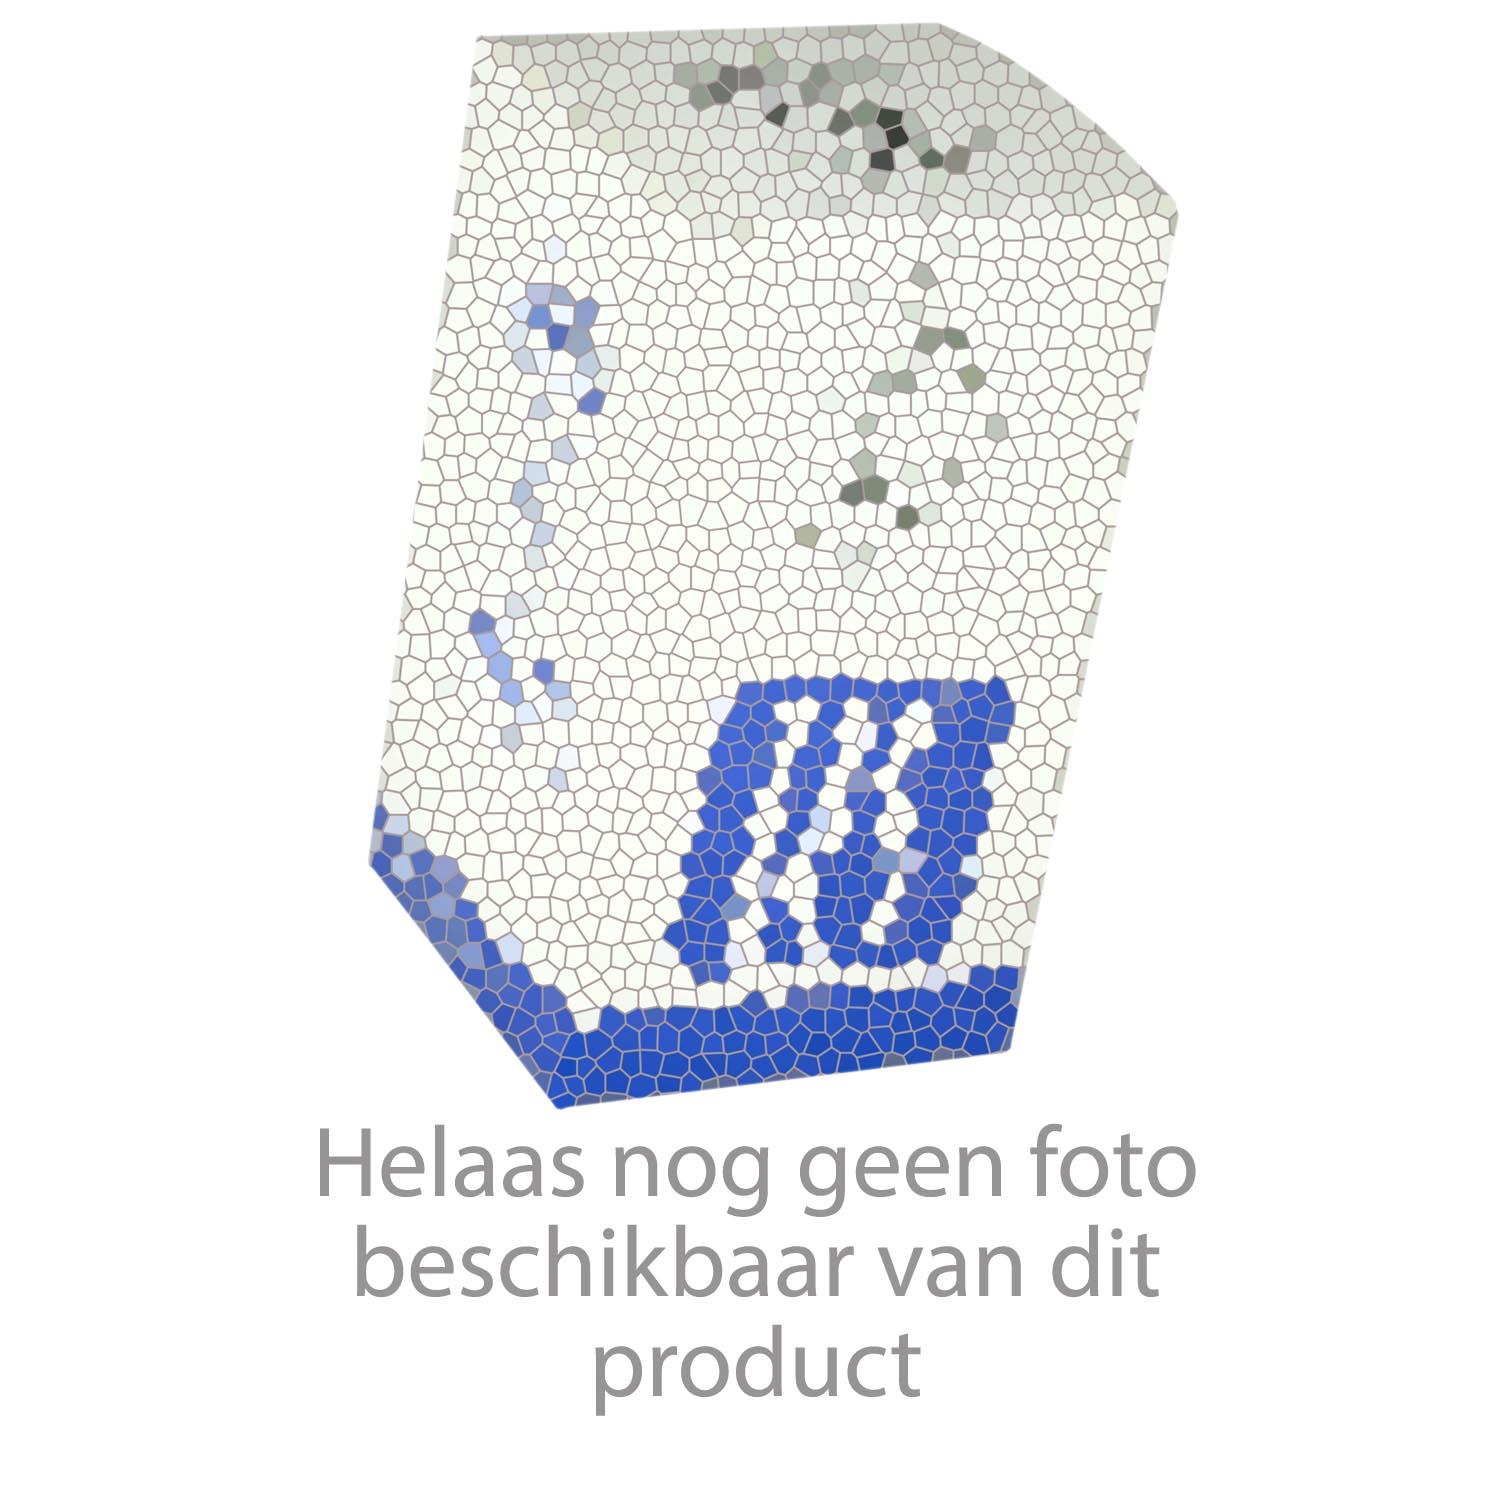 HansGrohe Keukenmengkranen Allegra Starck productiejaar > 04/01 10804000 onderdelen